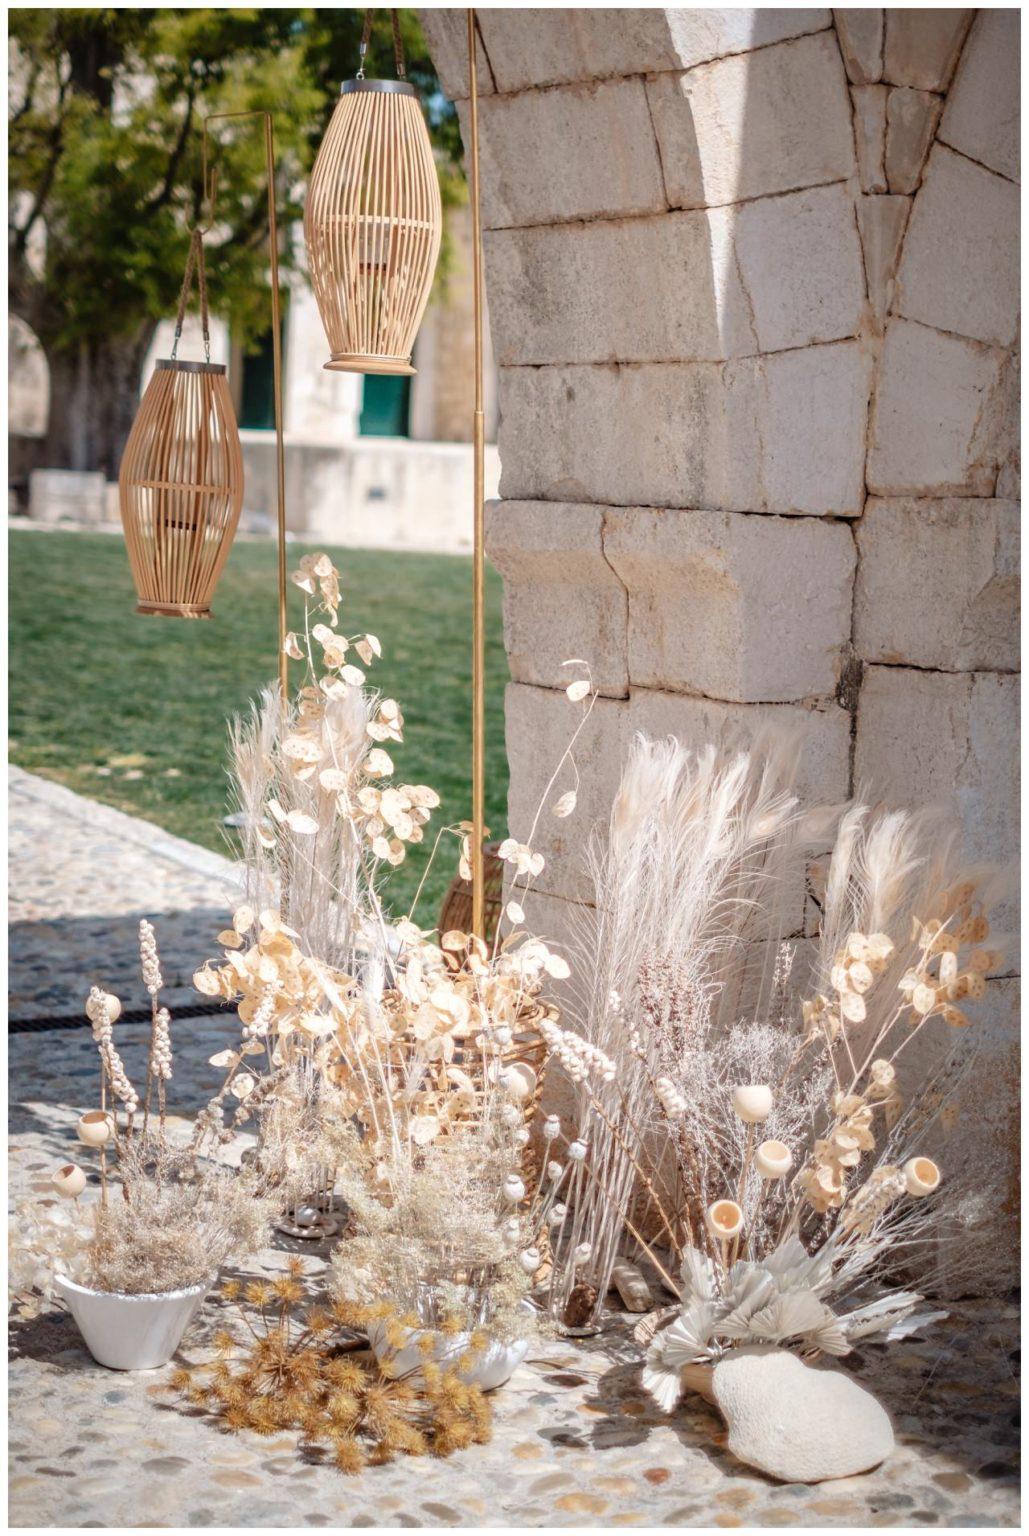 Hochzeit Kroatien Planung Hochzeitsplaner Trockenblumen Fotograf 7 - Natürliche Hochzeit mit Trockenblumen